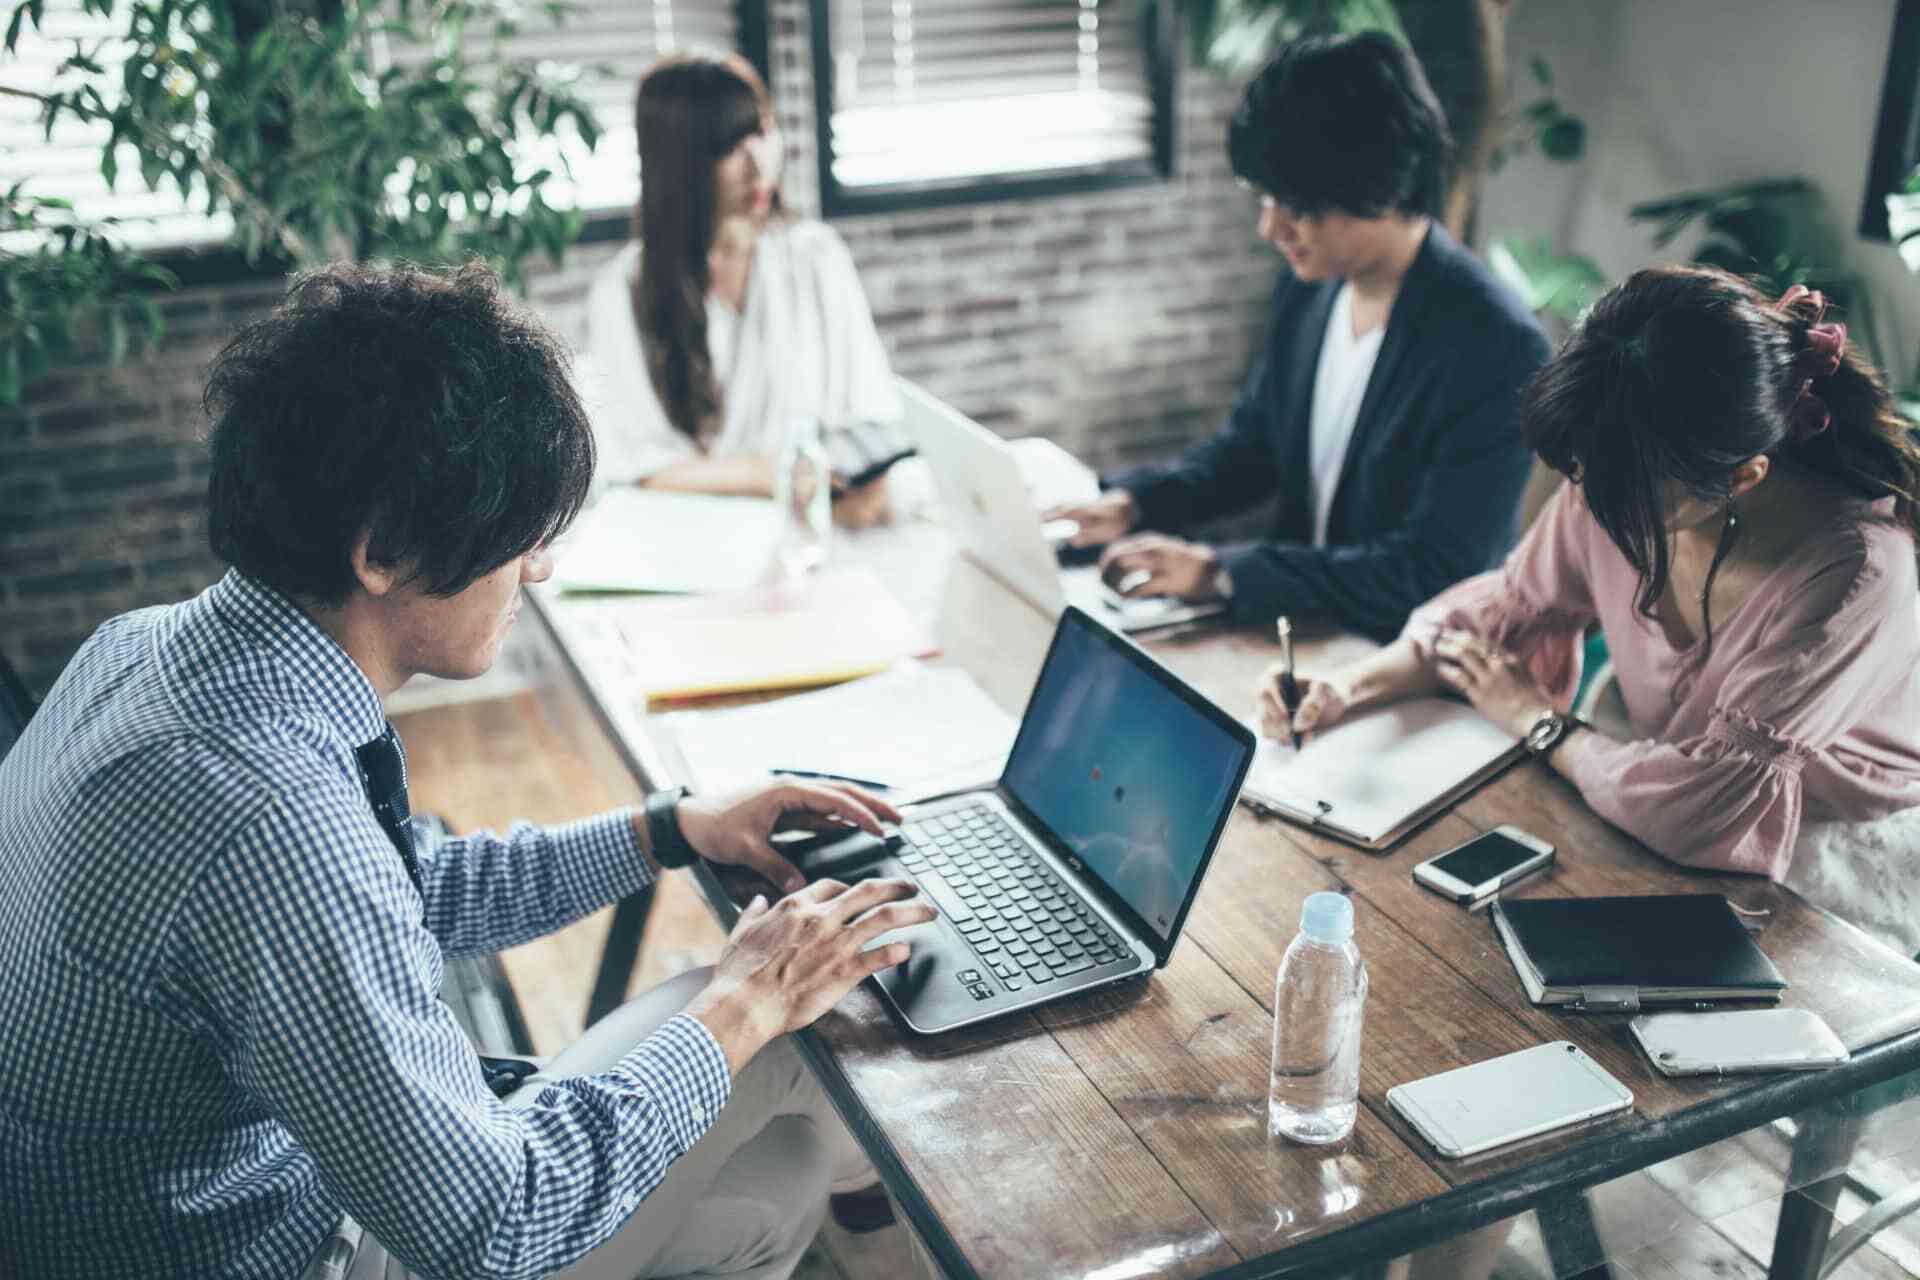 ベンチャー企業に新卒入社はアリ?就活や企業選びのポイントや注意点も解説